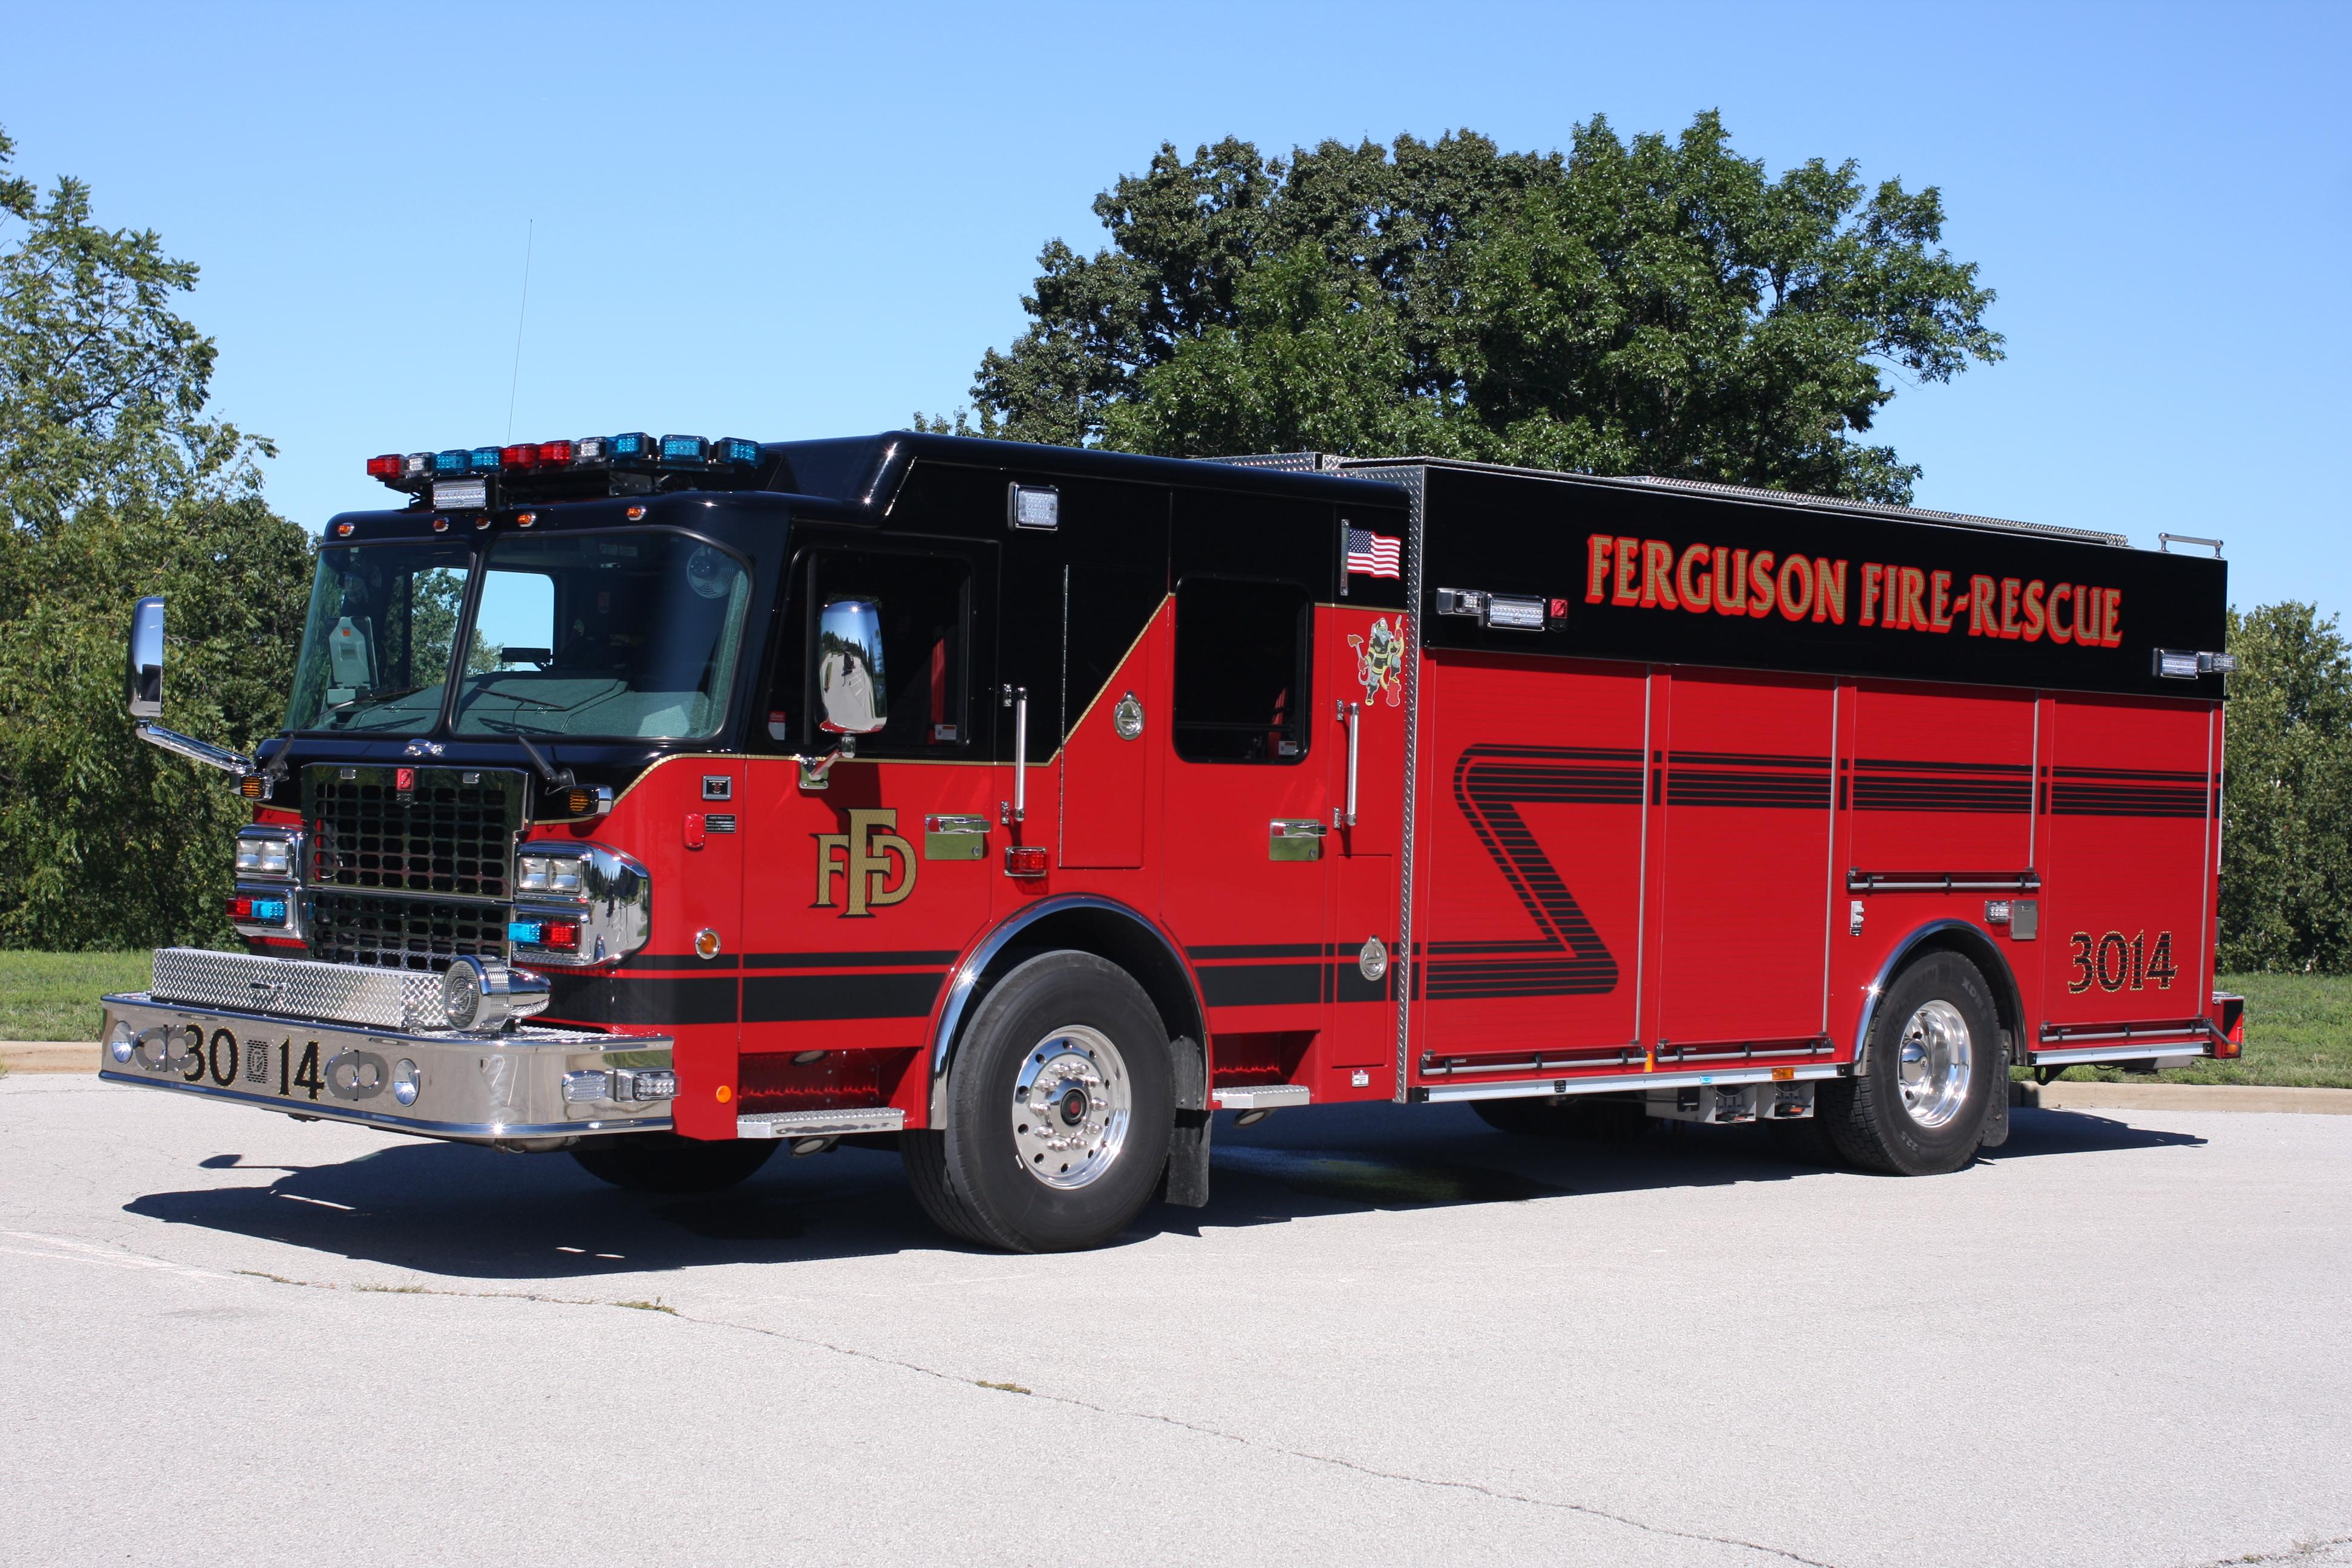 Ferguson Fire-Rescue Delivery | LME Company